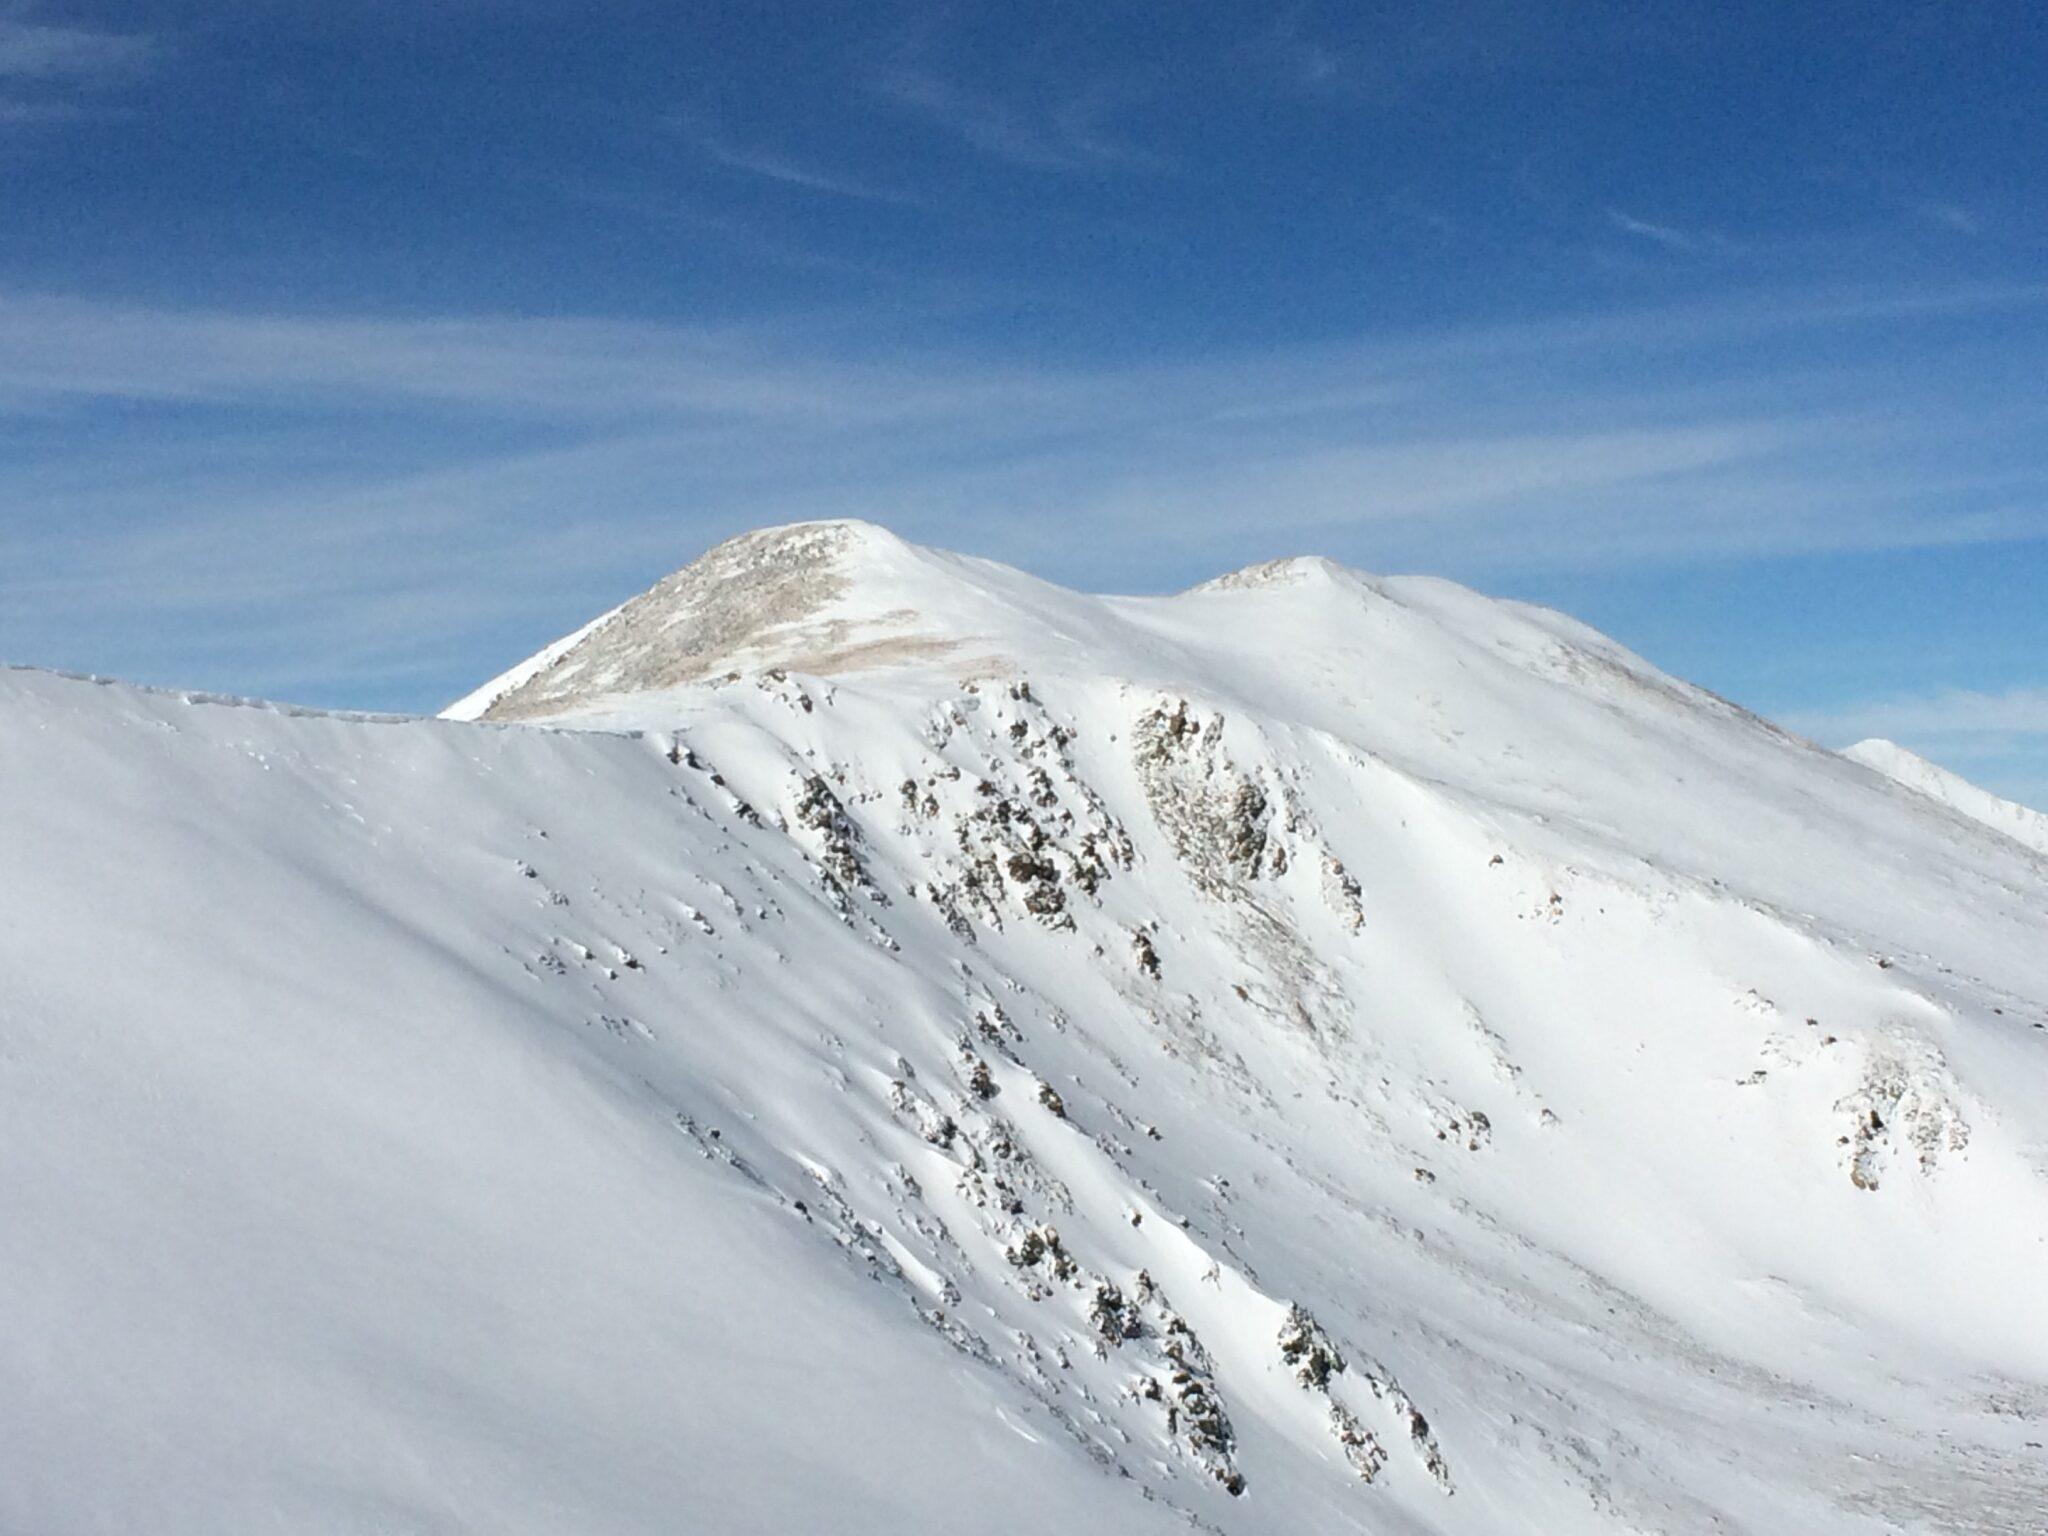 White snowy mountain peaks